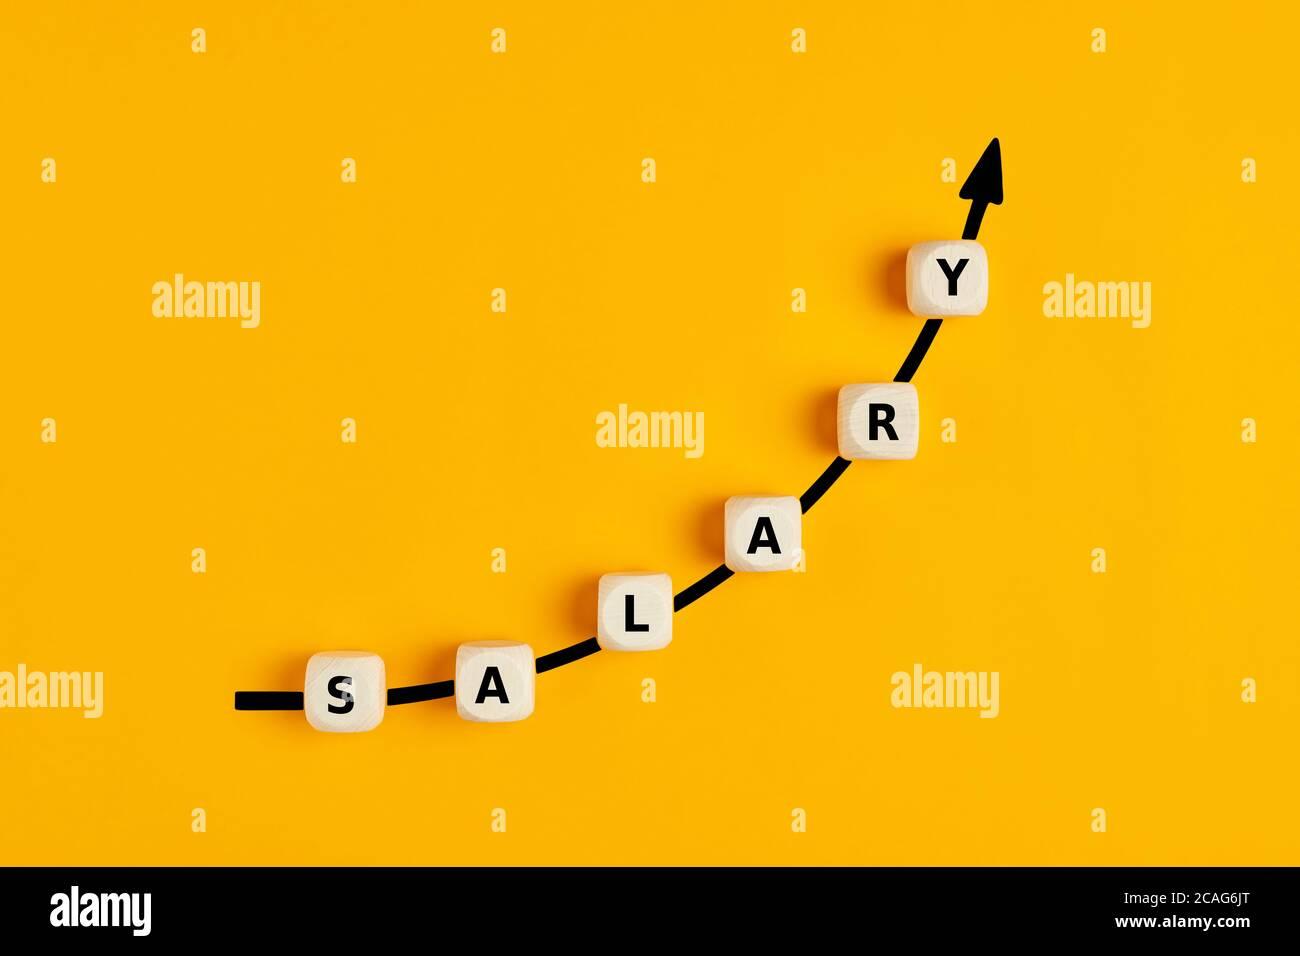 Gehaltserhöhung oder Lohnerhöhung Konzept mit dem Wort Gehalt Geschrieben auf Holzblöcken mit aufsteigender Pfeilgrafik Stockfoto